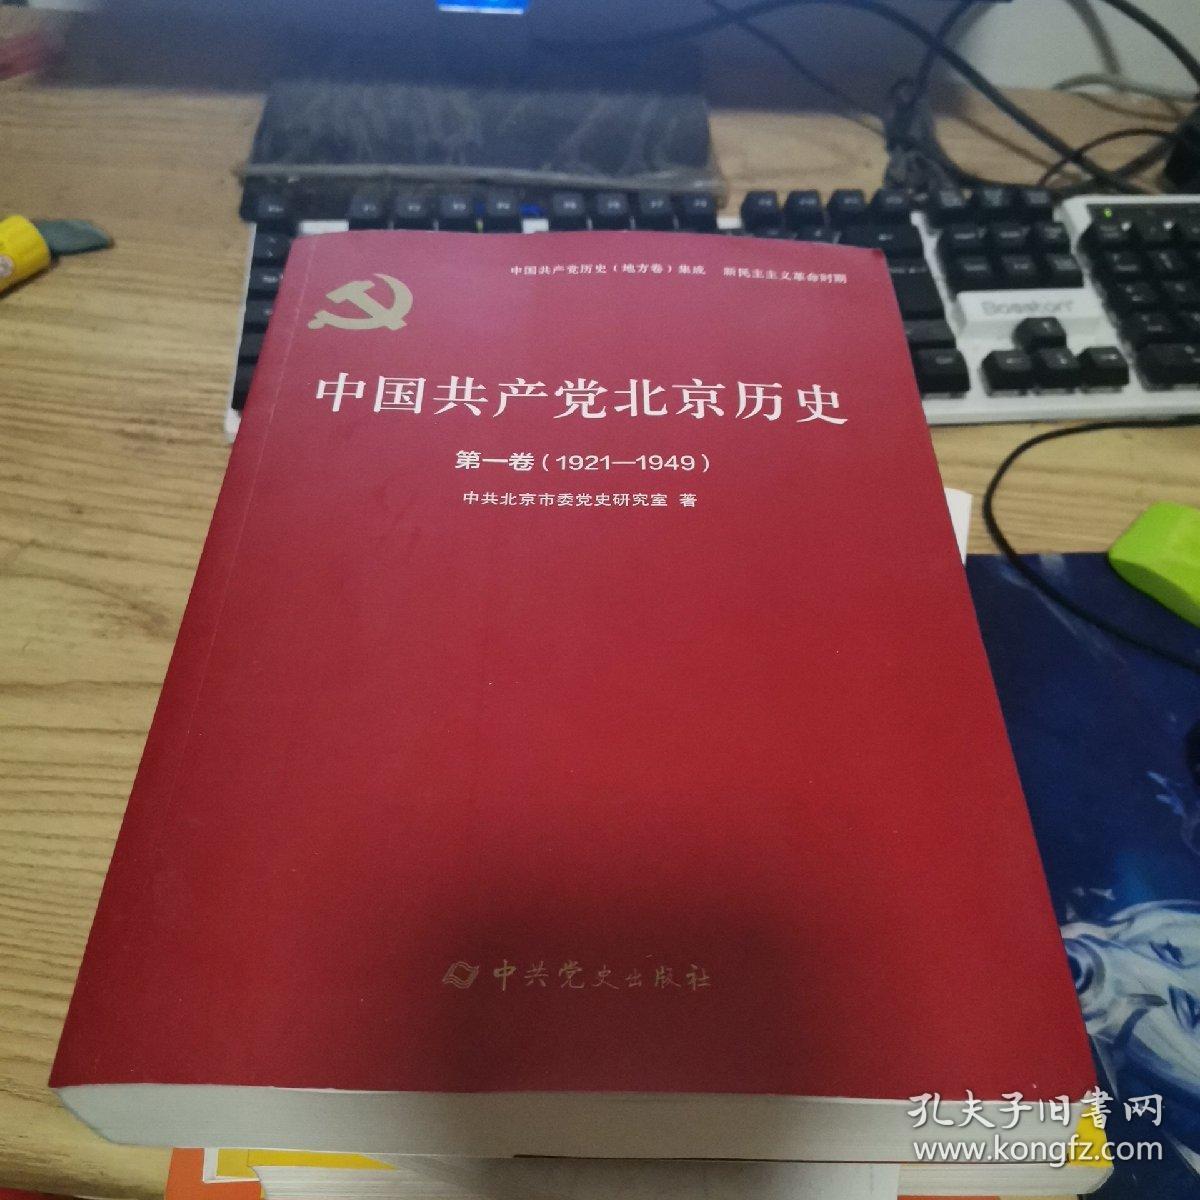 中国共产党北京历史(第1卷1921-1949)/中国共产党历史地方卷集成